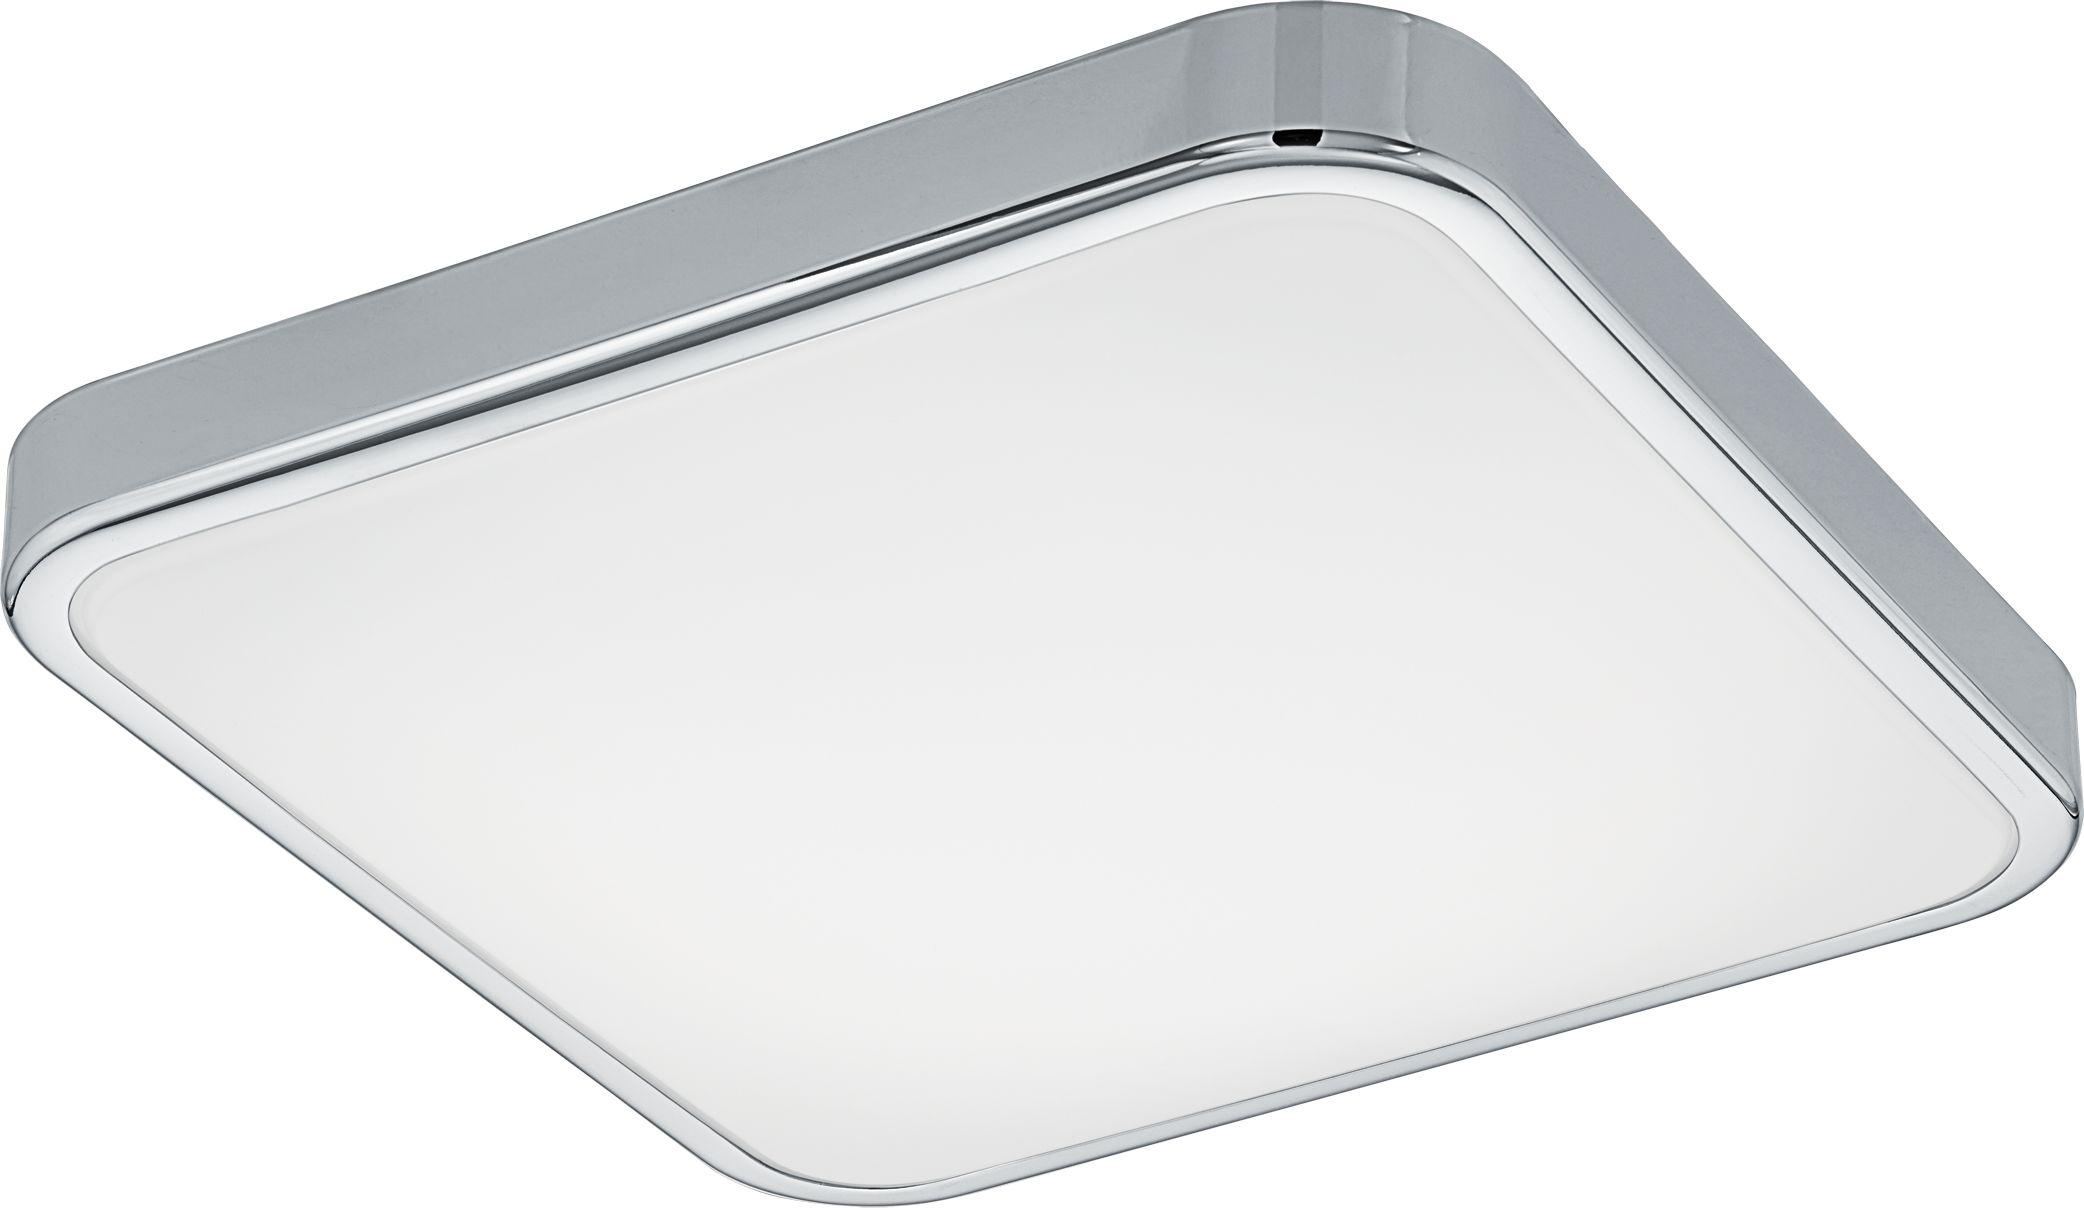 Eglo plafon, lampa sufitowa LED Manilva 1 96229 IP44 - SUPER OFERTA - RABAT w koszyku